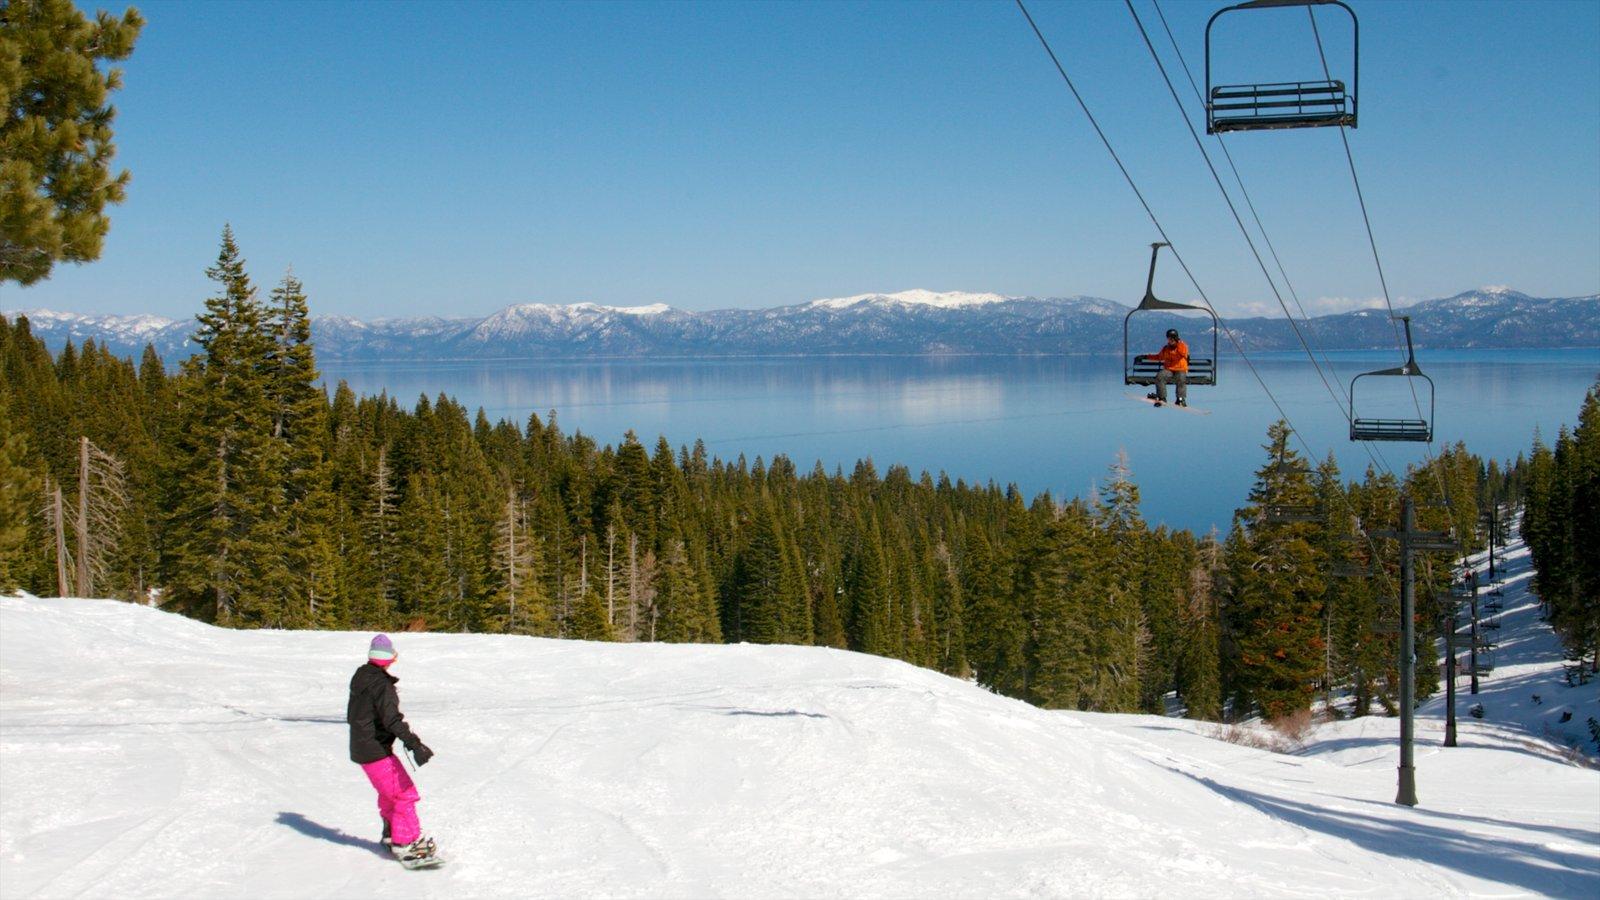 Homewood Mountain Resort que incluye nieve, esquiar en la nieve y montañas